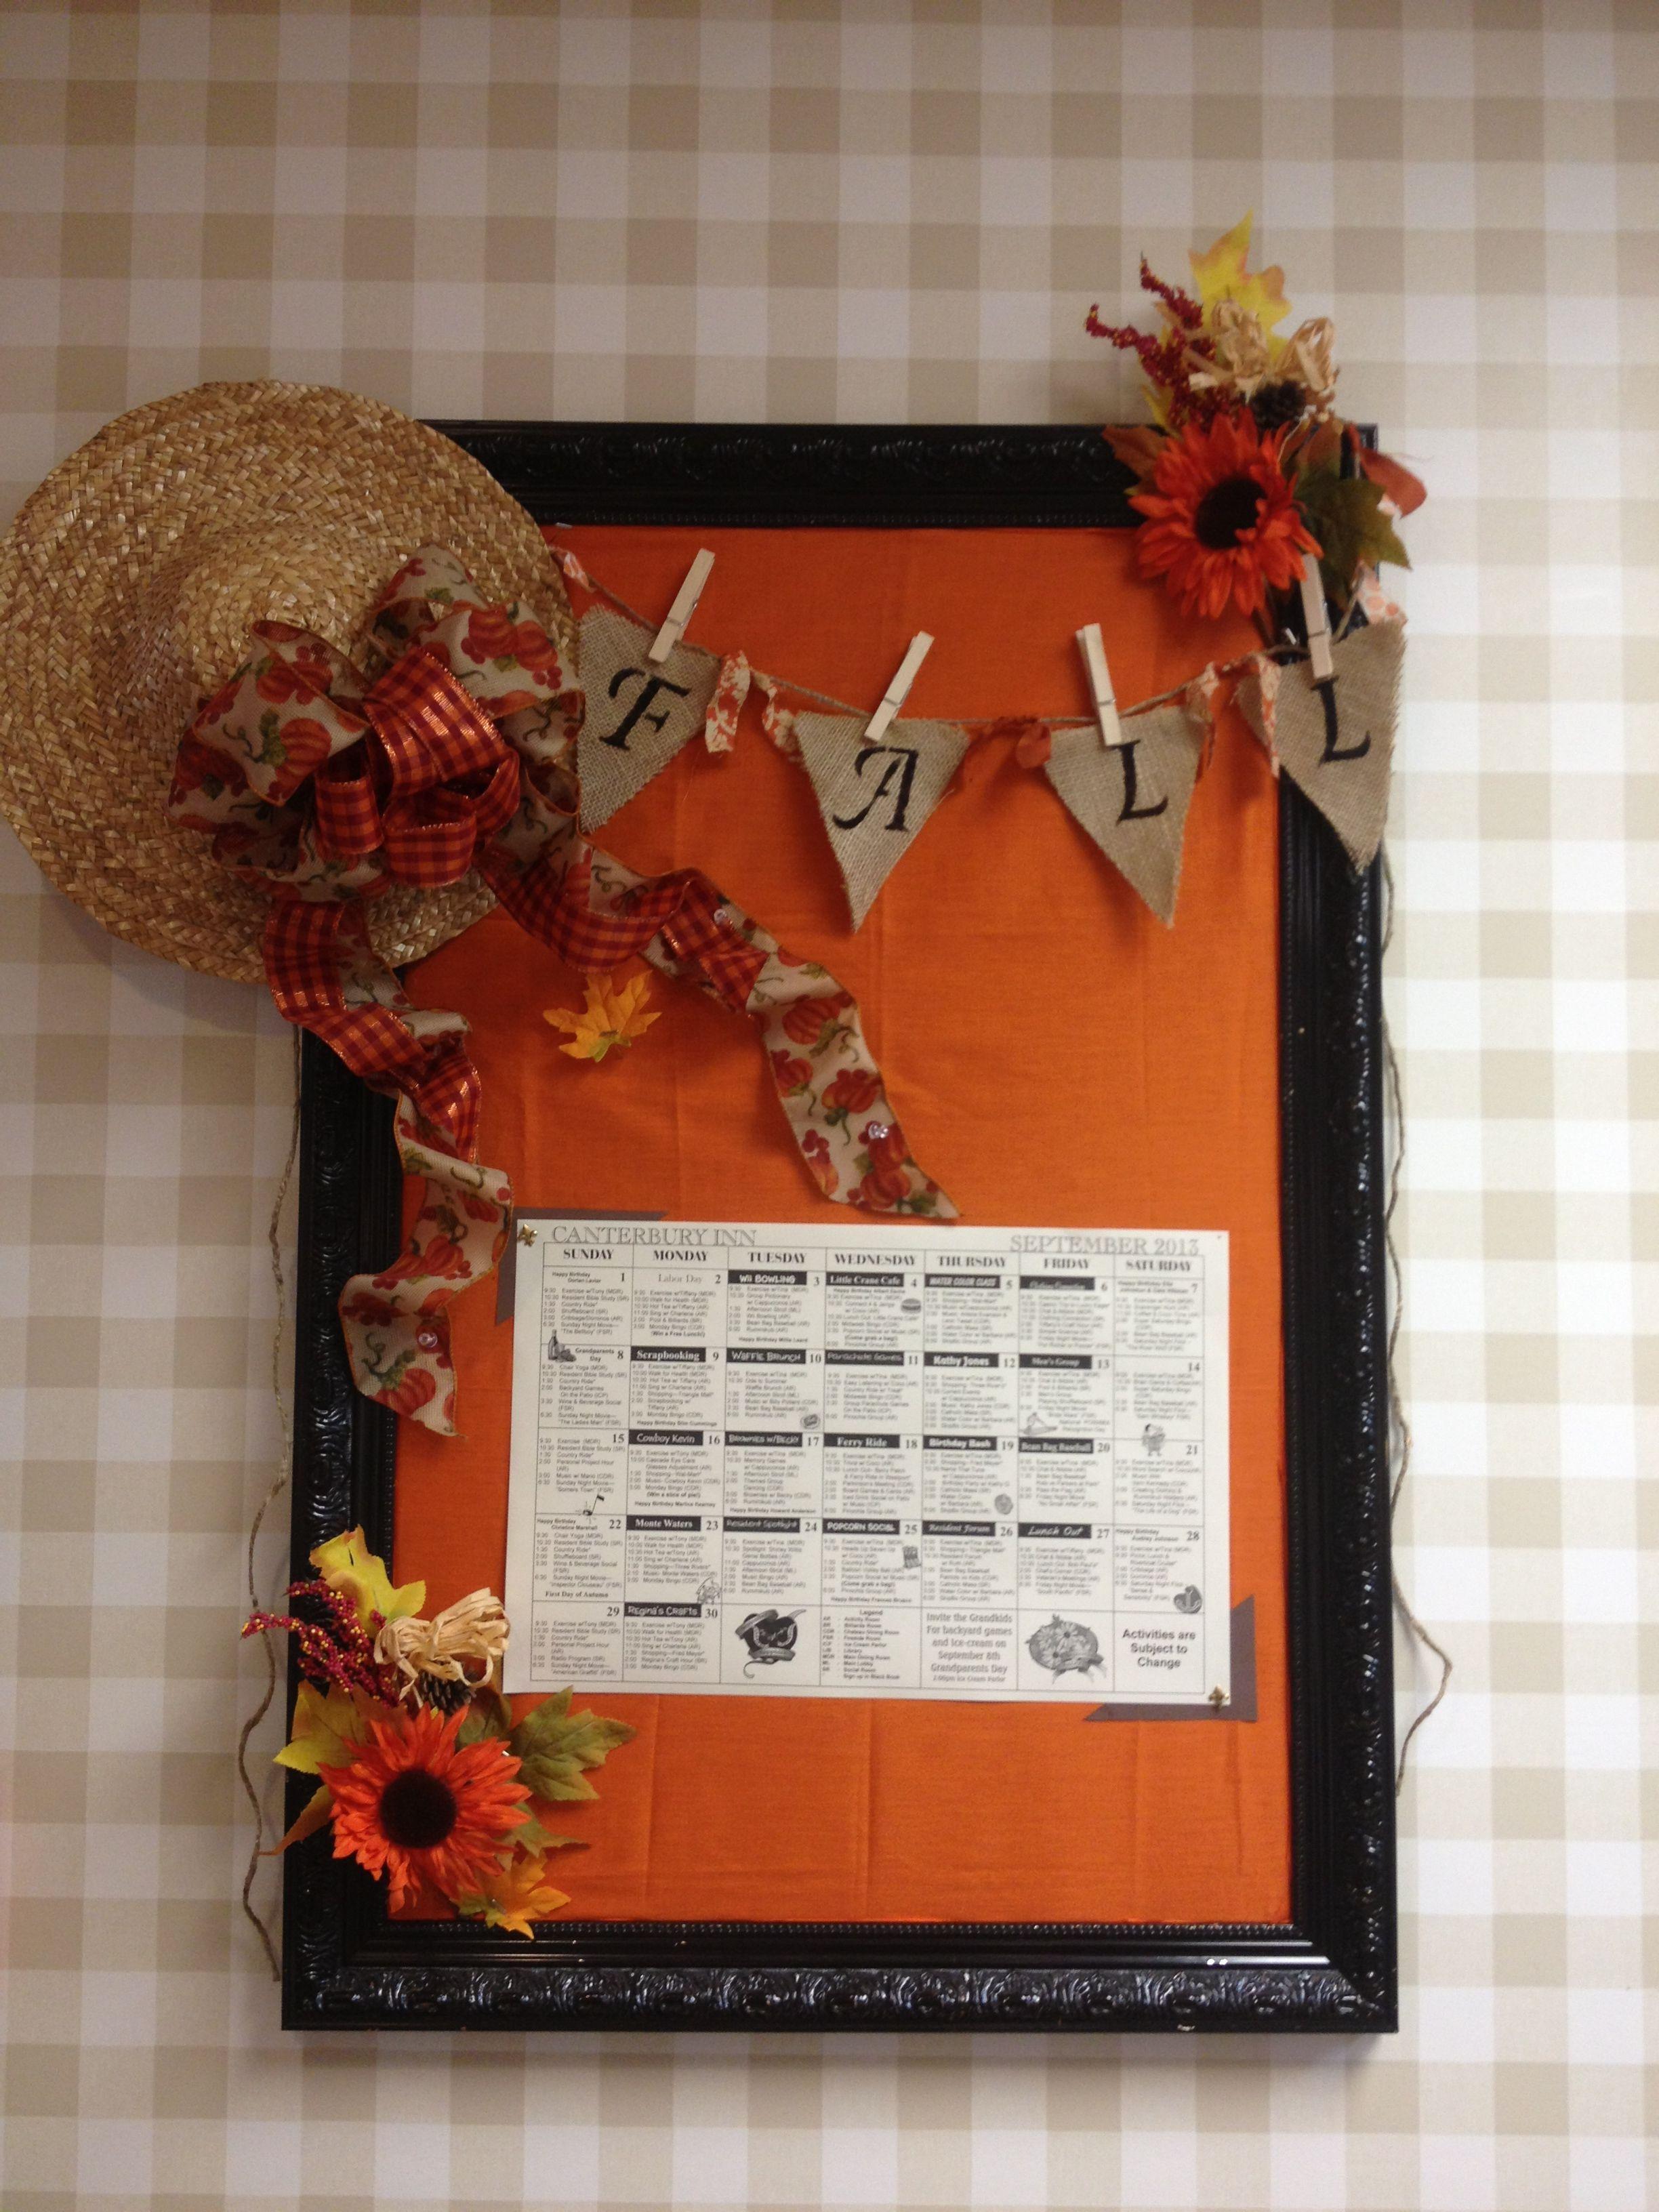 Bulletin board done at my work! #fallbulletinboards Bulletin board done at my work! #novemberbulletinboards